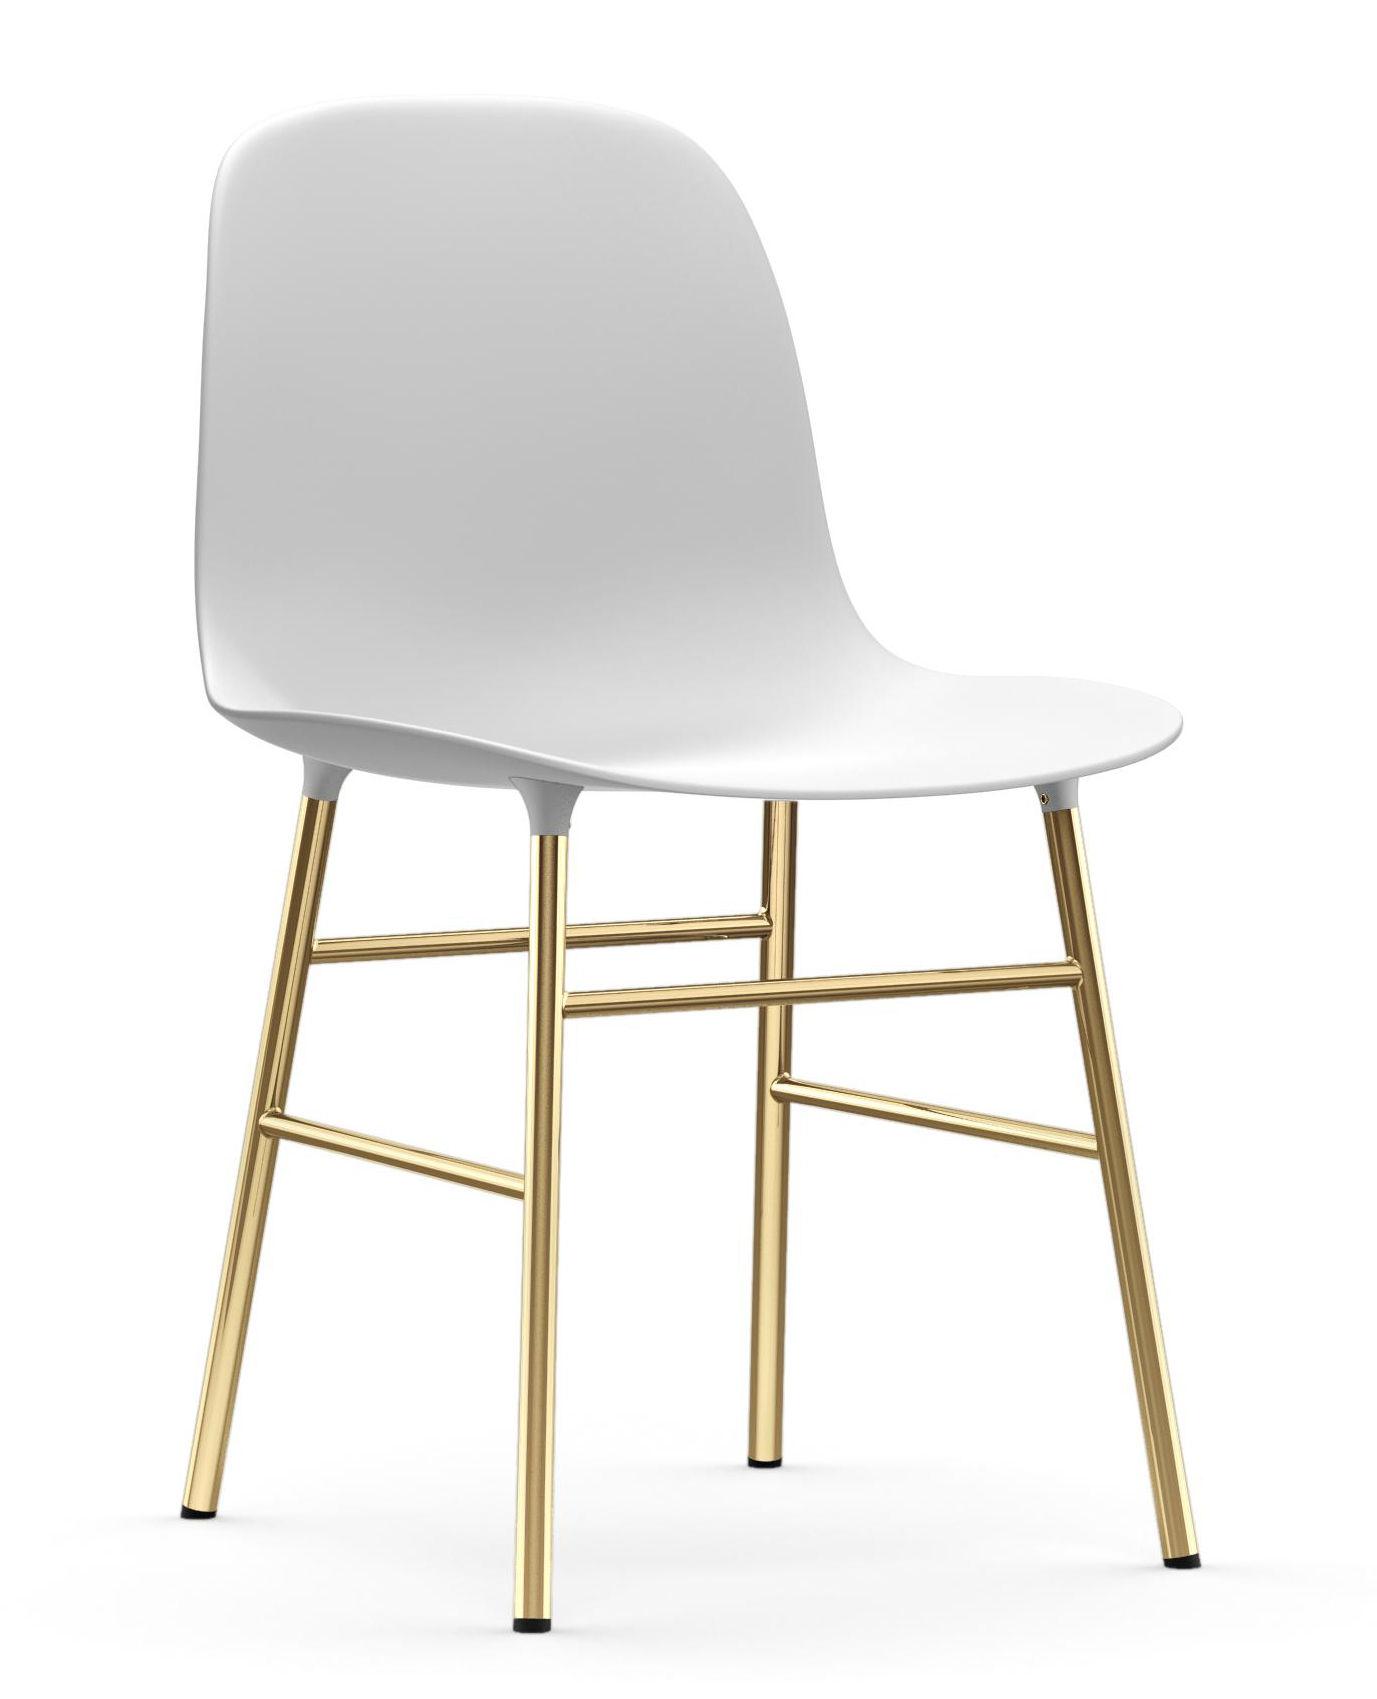 Mobilier - Chaises, fauteuils de salle à manger - Chaise Form / Pied laiton - Normann Copenhagen - Blanc / Laiton - Acier plaqué laiton, Polypropylène